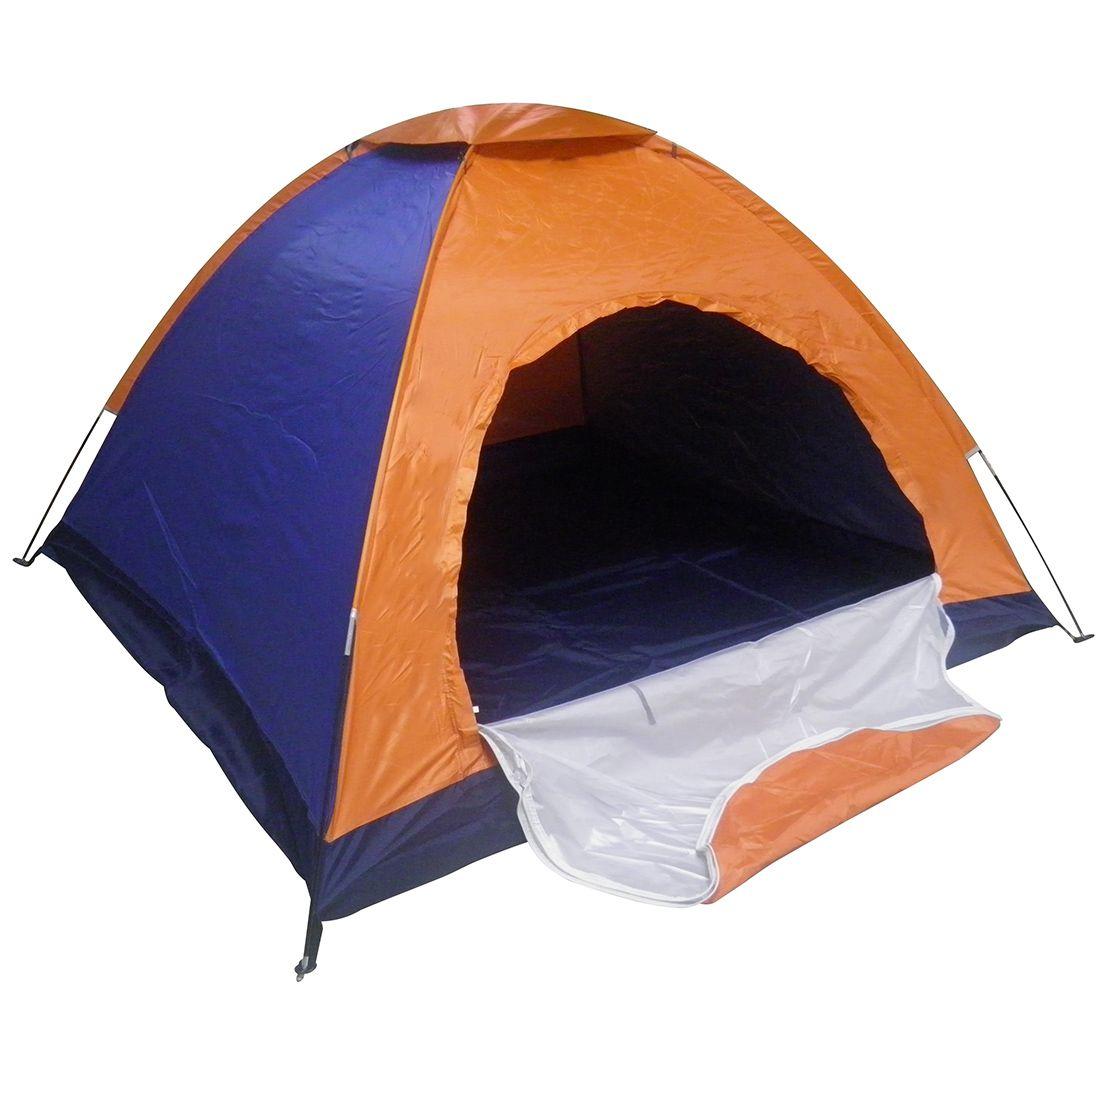 Barraca de Camping 4 Pessoas Acampamento 2 metros Ferias Viagem